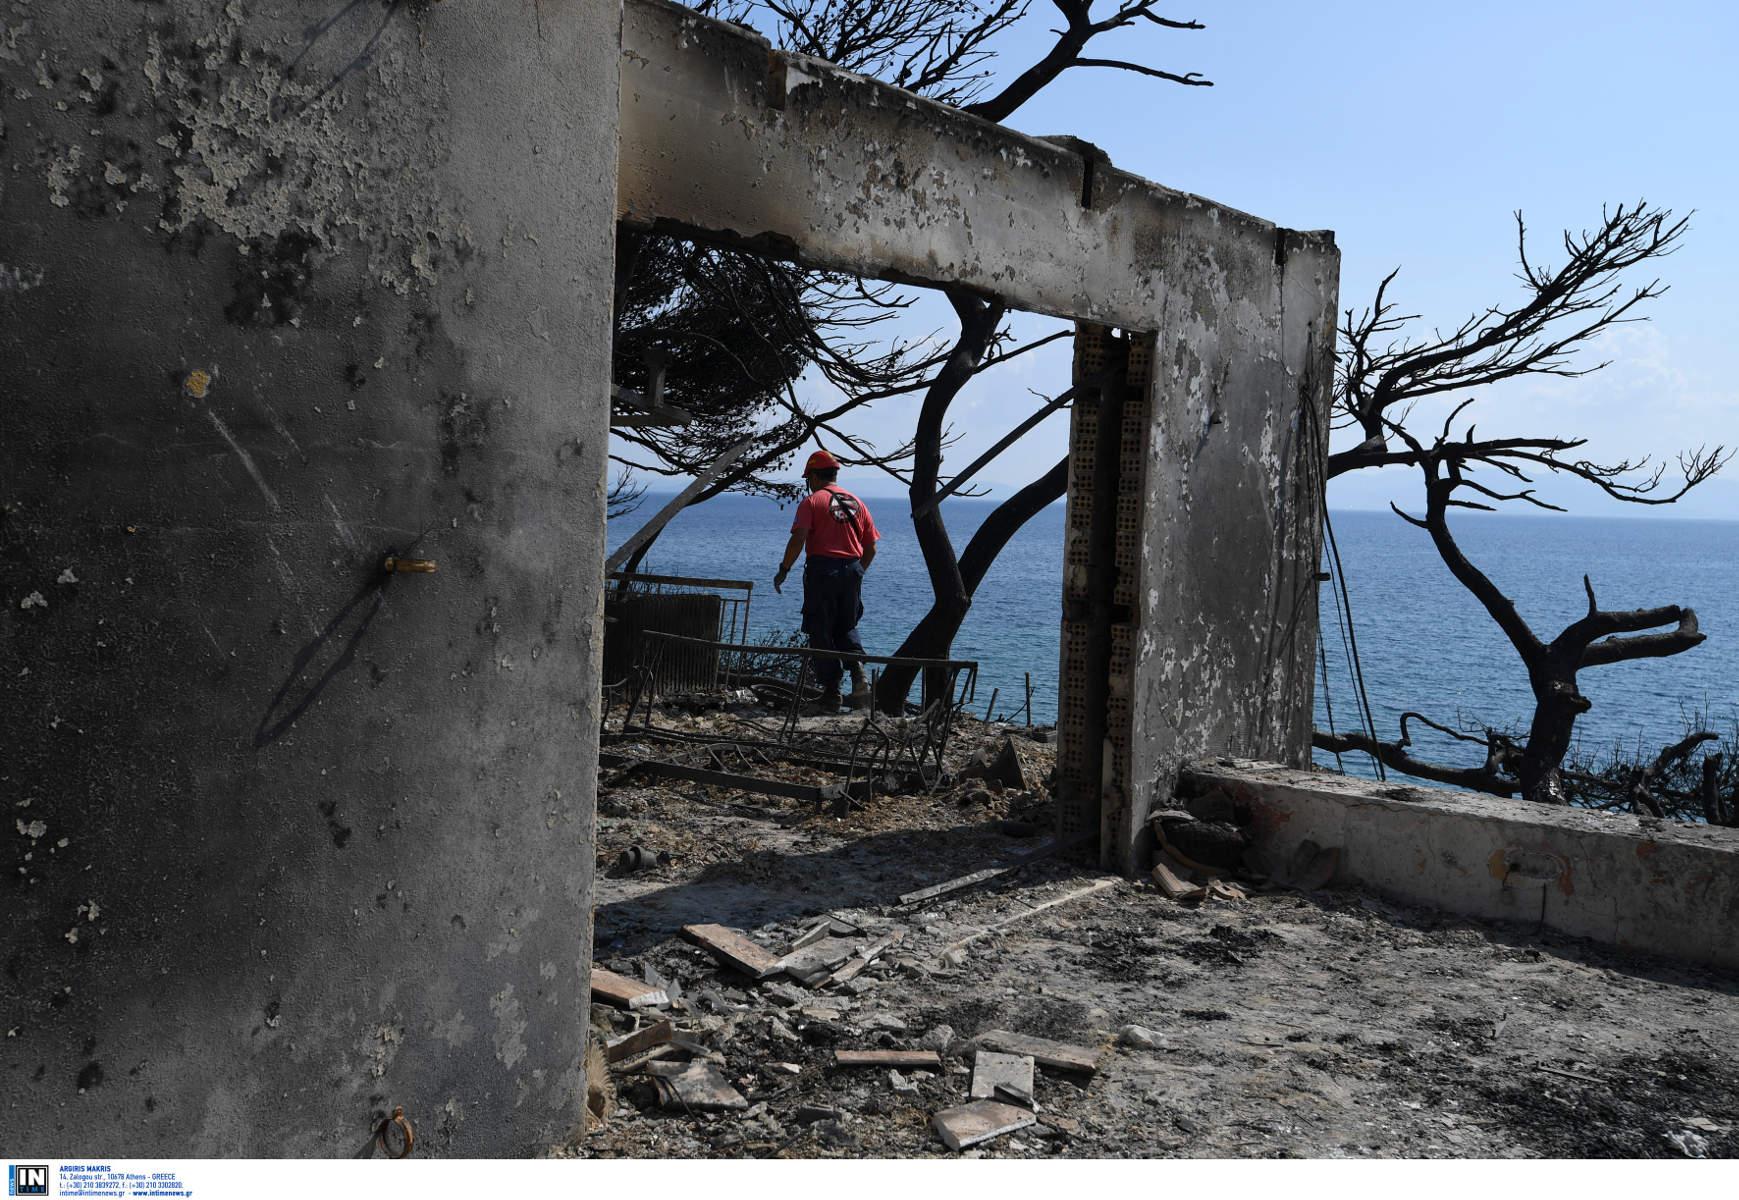 Τραγωδία στο Μάτι: Στον ανακριτή ο πρώην αρχηγός της Πυροσβεστικής